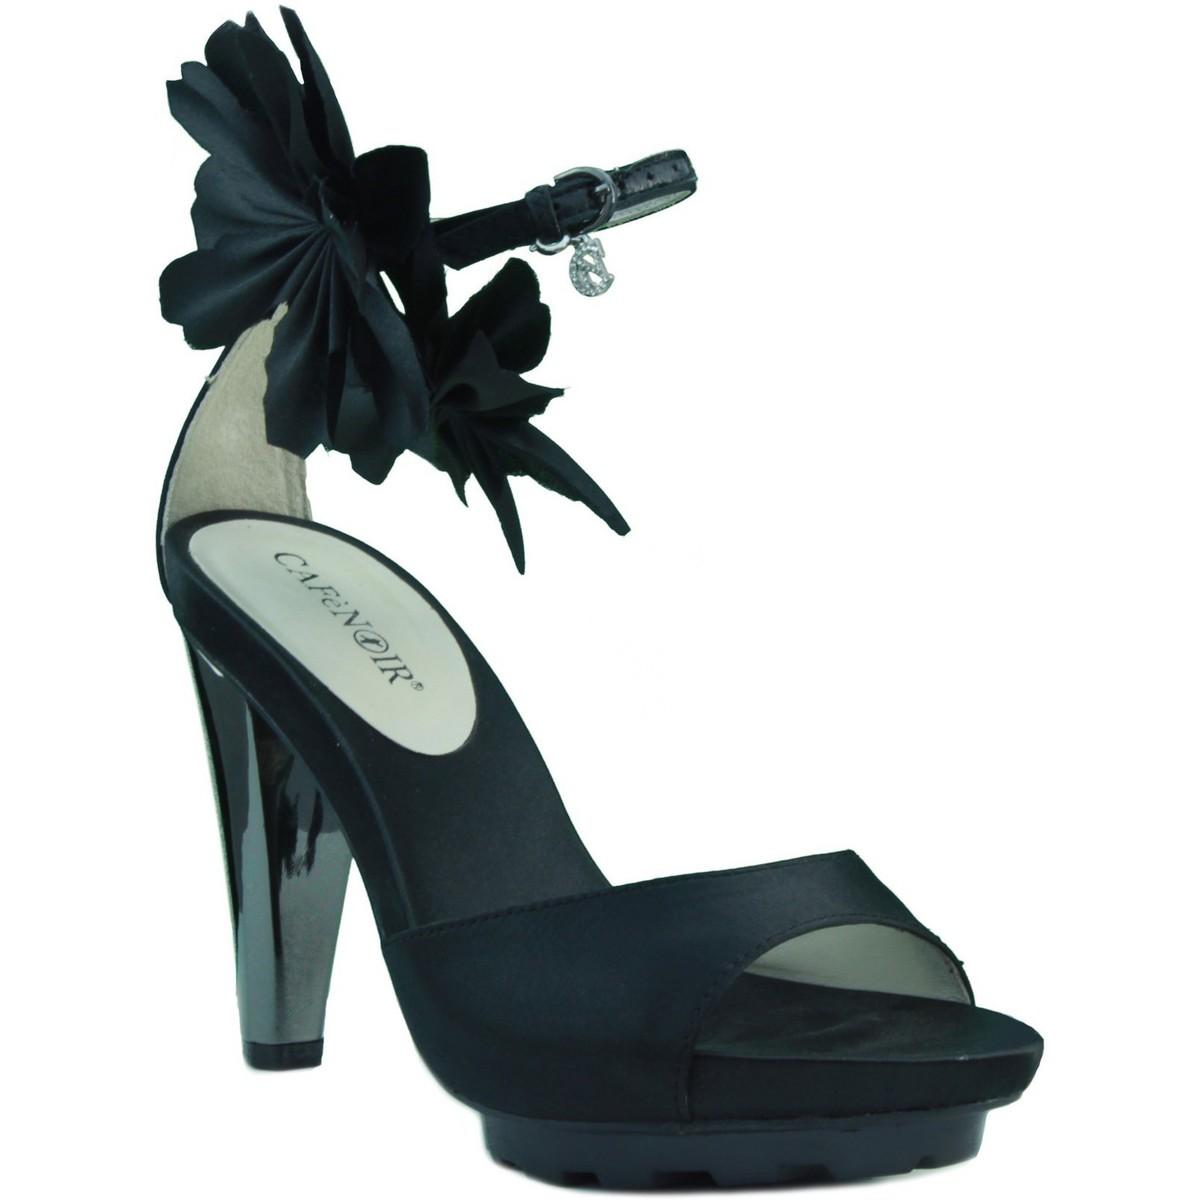 Café Noir Cafe Noir Heel Sandalen anziehen SCHWARZ - Schuhe Sandalen / Sandaletten Damen 120,75 €